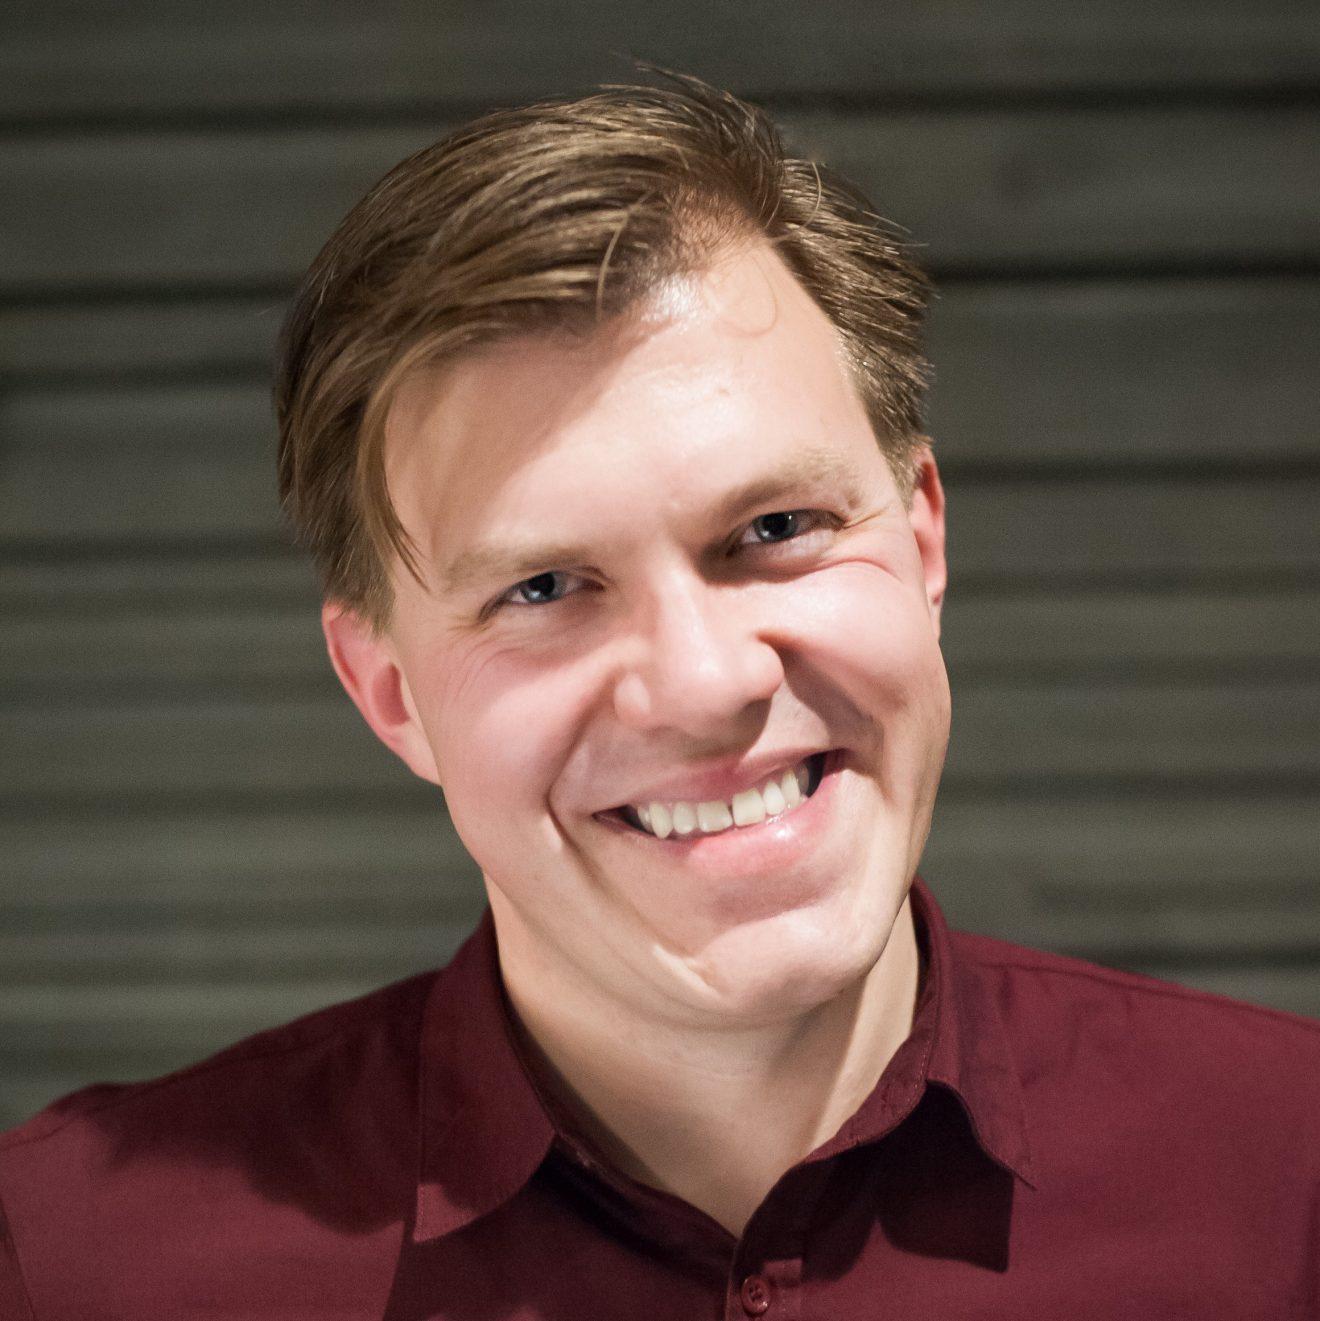 EFFSO rerkyterar Adam Skogman och satsar på Artificiell Intelligens